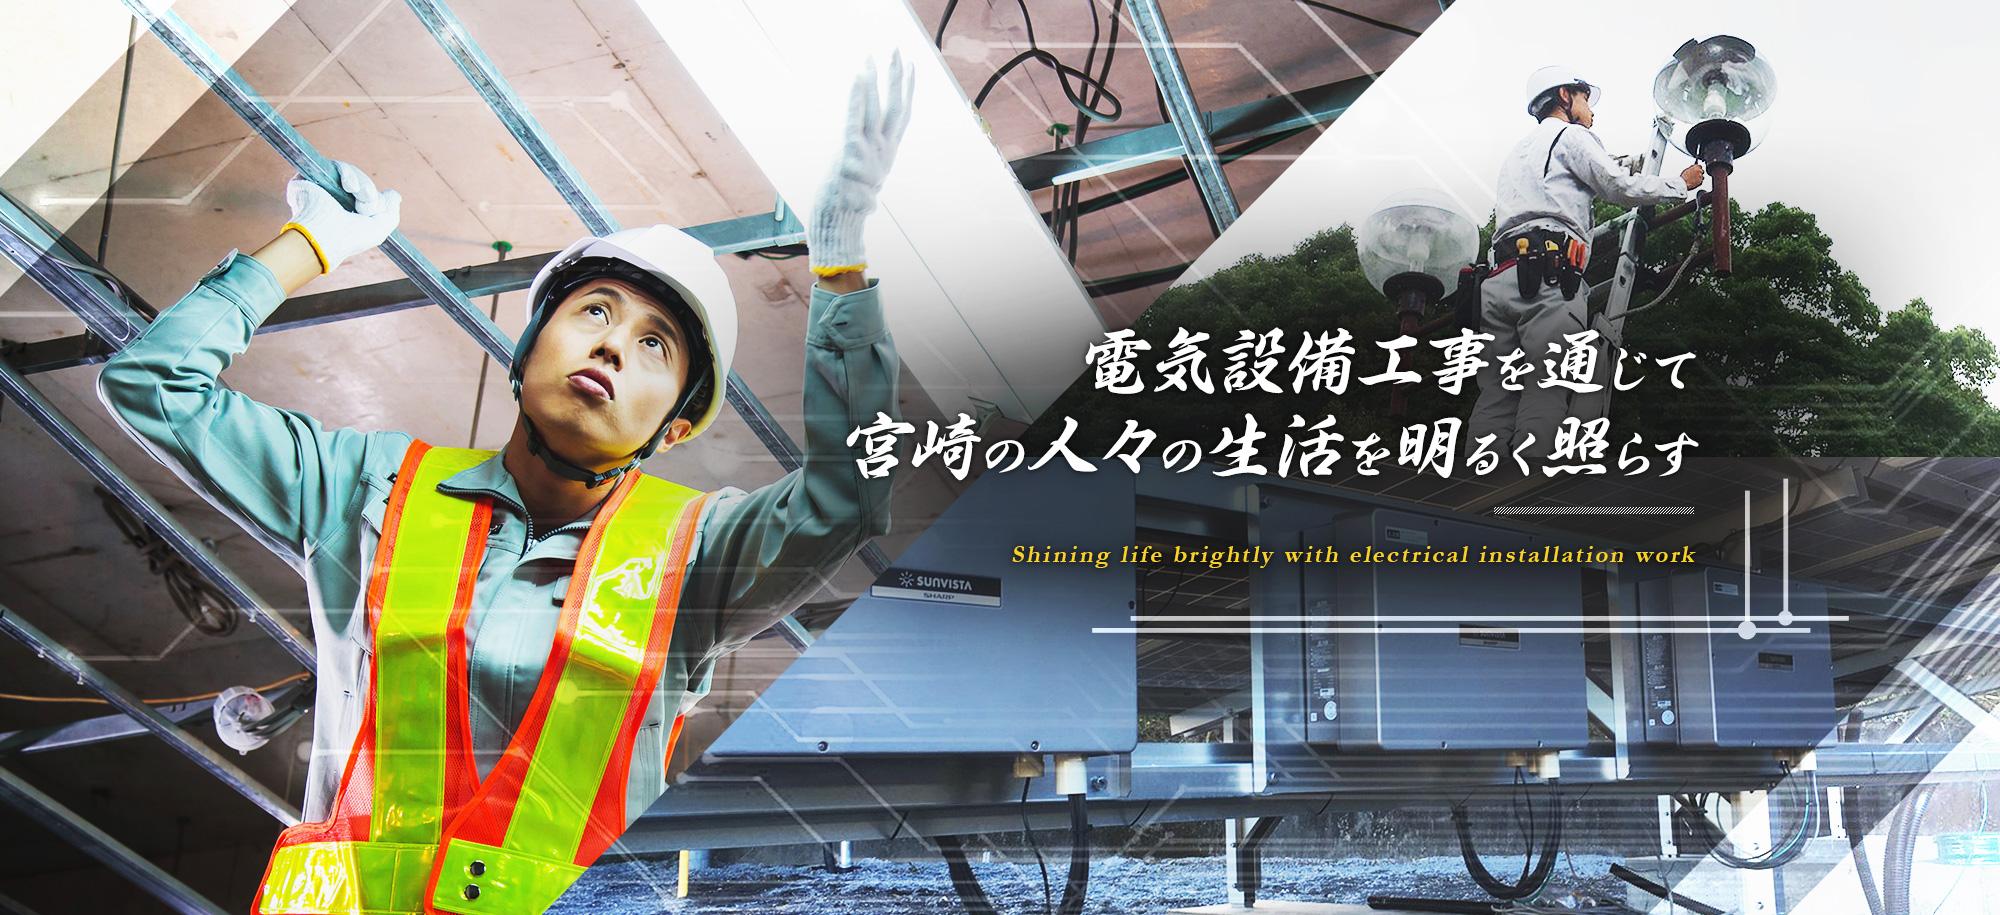 電気設備工事を通じて宮崎の人々の生活を明るく照らす